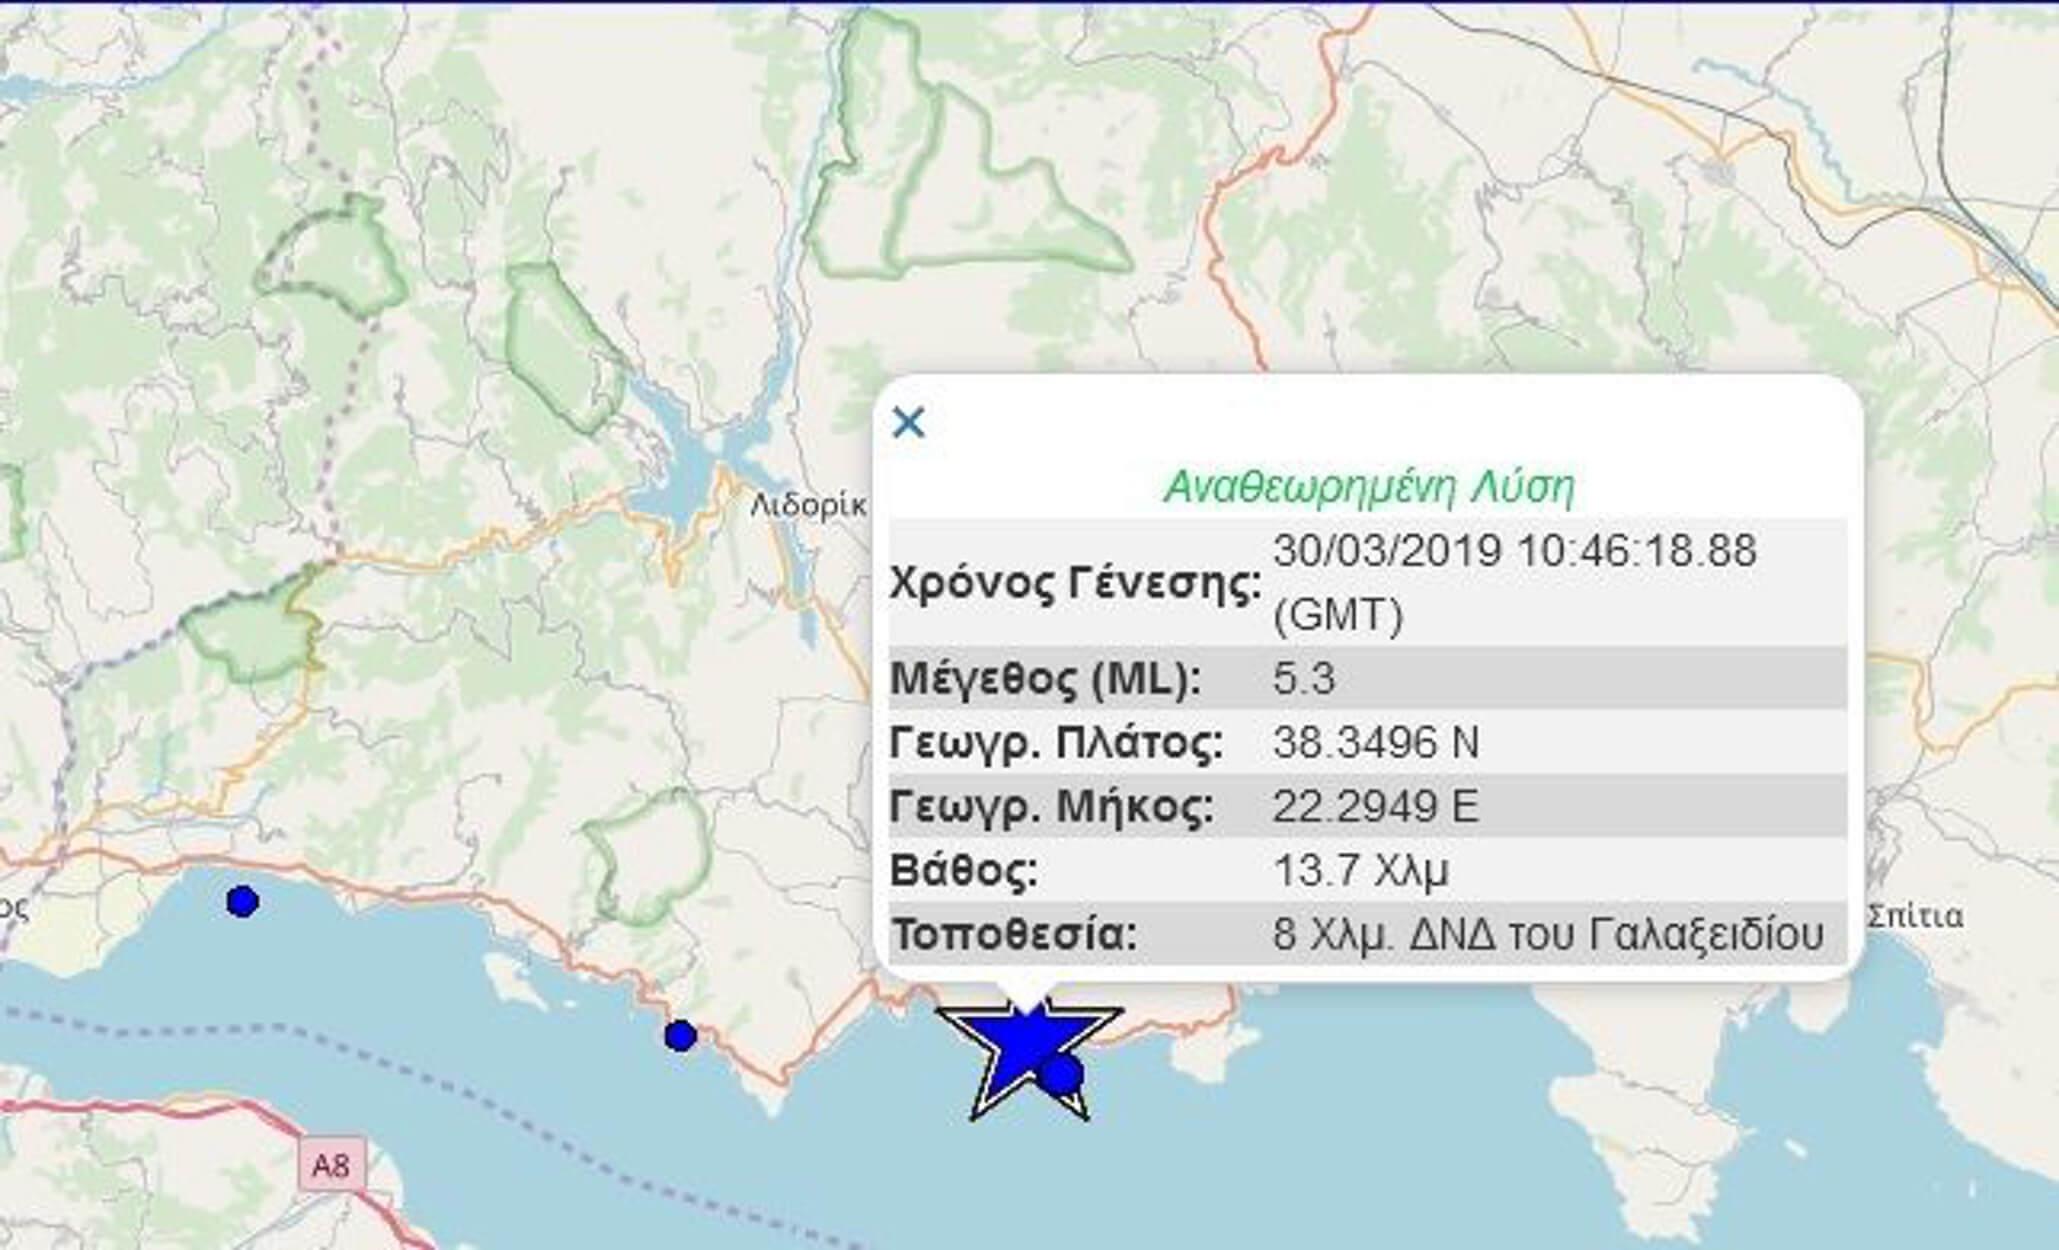 Τι λένε οι σεισμολόγοι για τα 5.3 Ρίχτερ που ταρακούνησαν τη μισή Ελλάδα 3